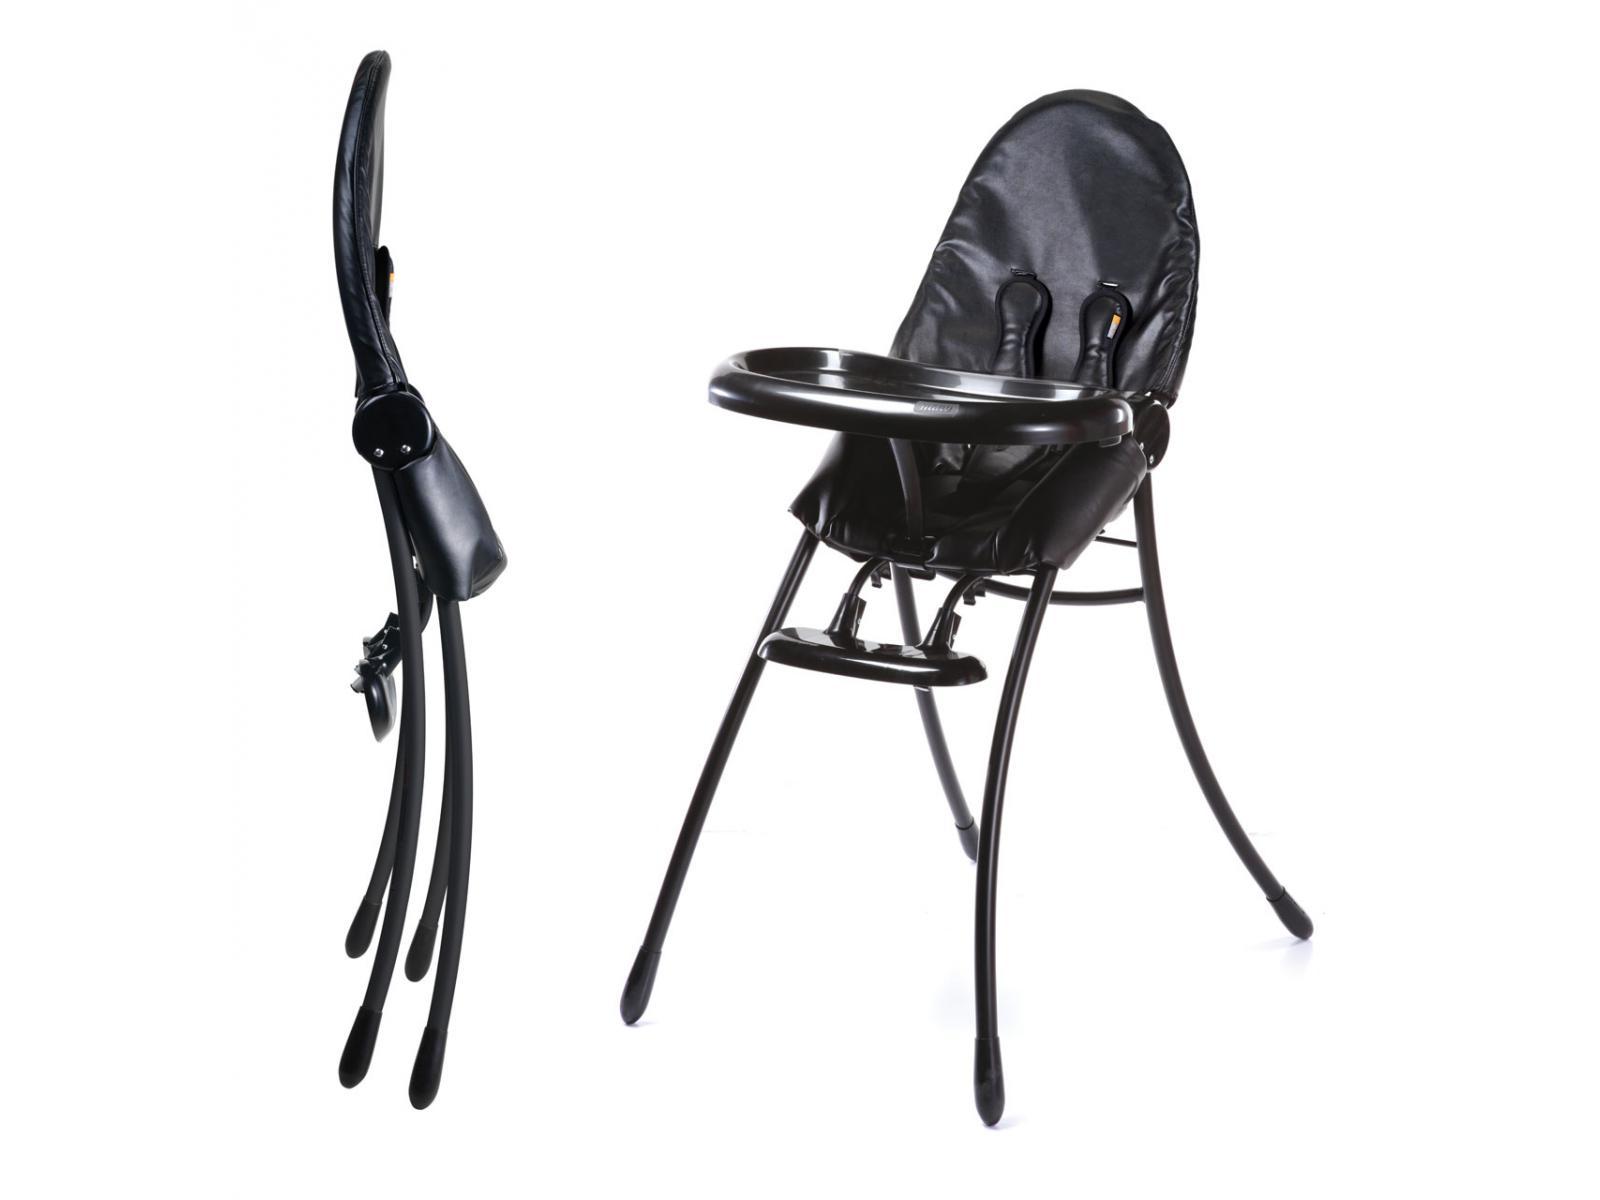 62 E10502 Chaise Haute Cadre Et X 5 Bks Noir 91 11 Cm Siège Bmb 18 Nano 5RLAq34jc